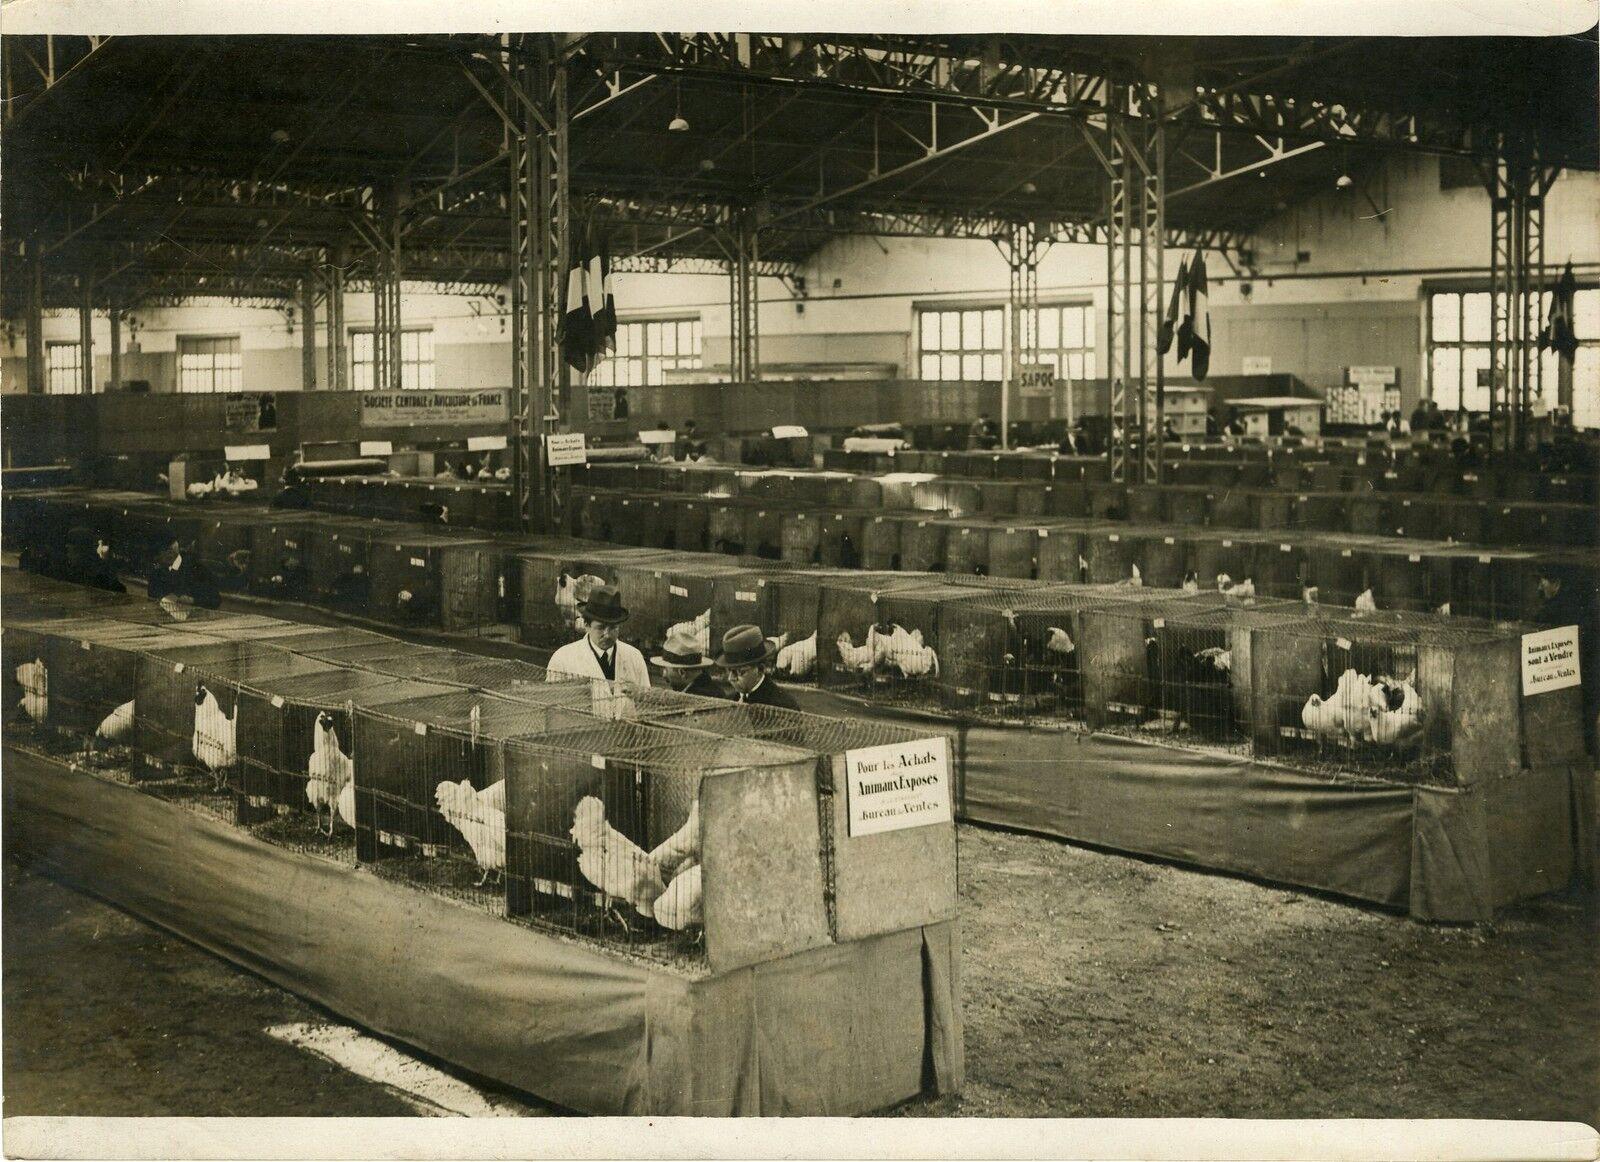 EXPOSITION D'AVICULTURE (PARIS 1931)  Photo originale G. DEVRED   Agce ROL